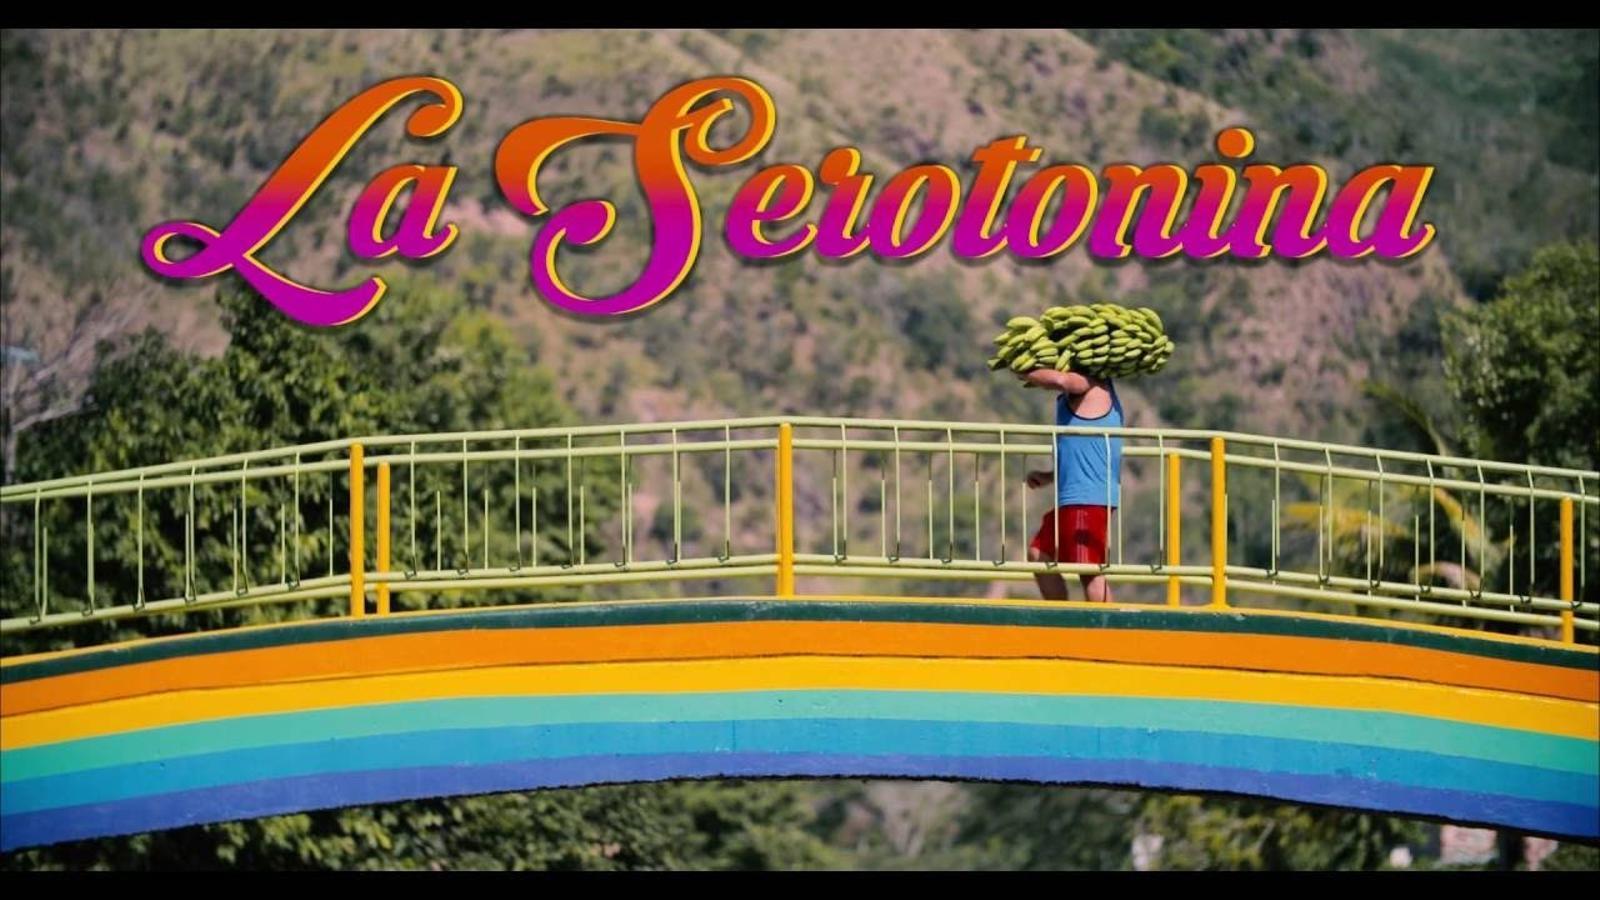 'La serotonina' de Manel